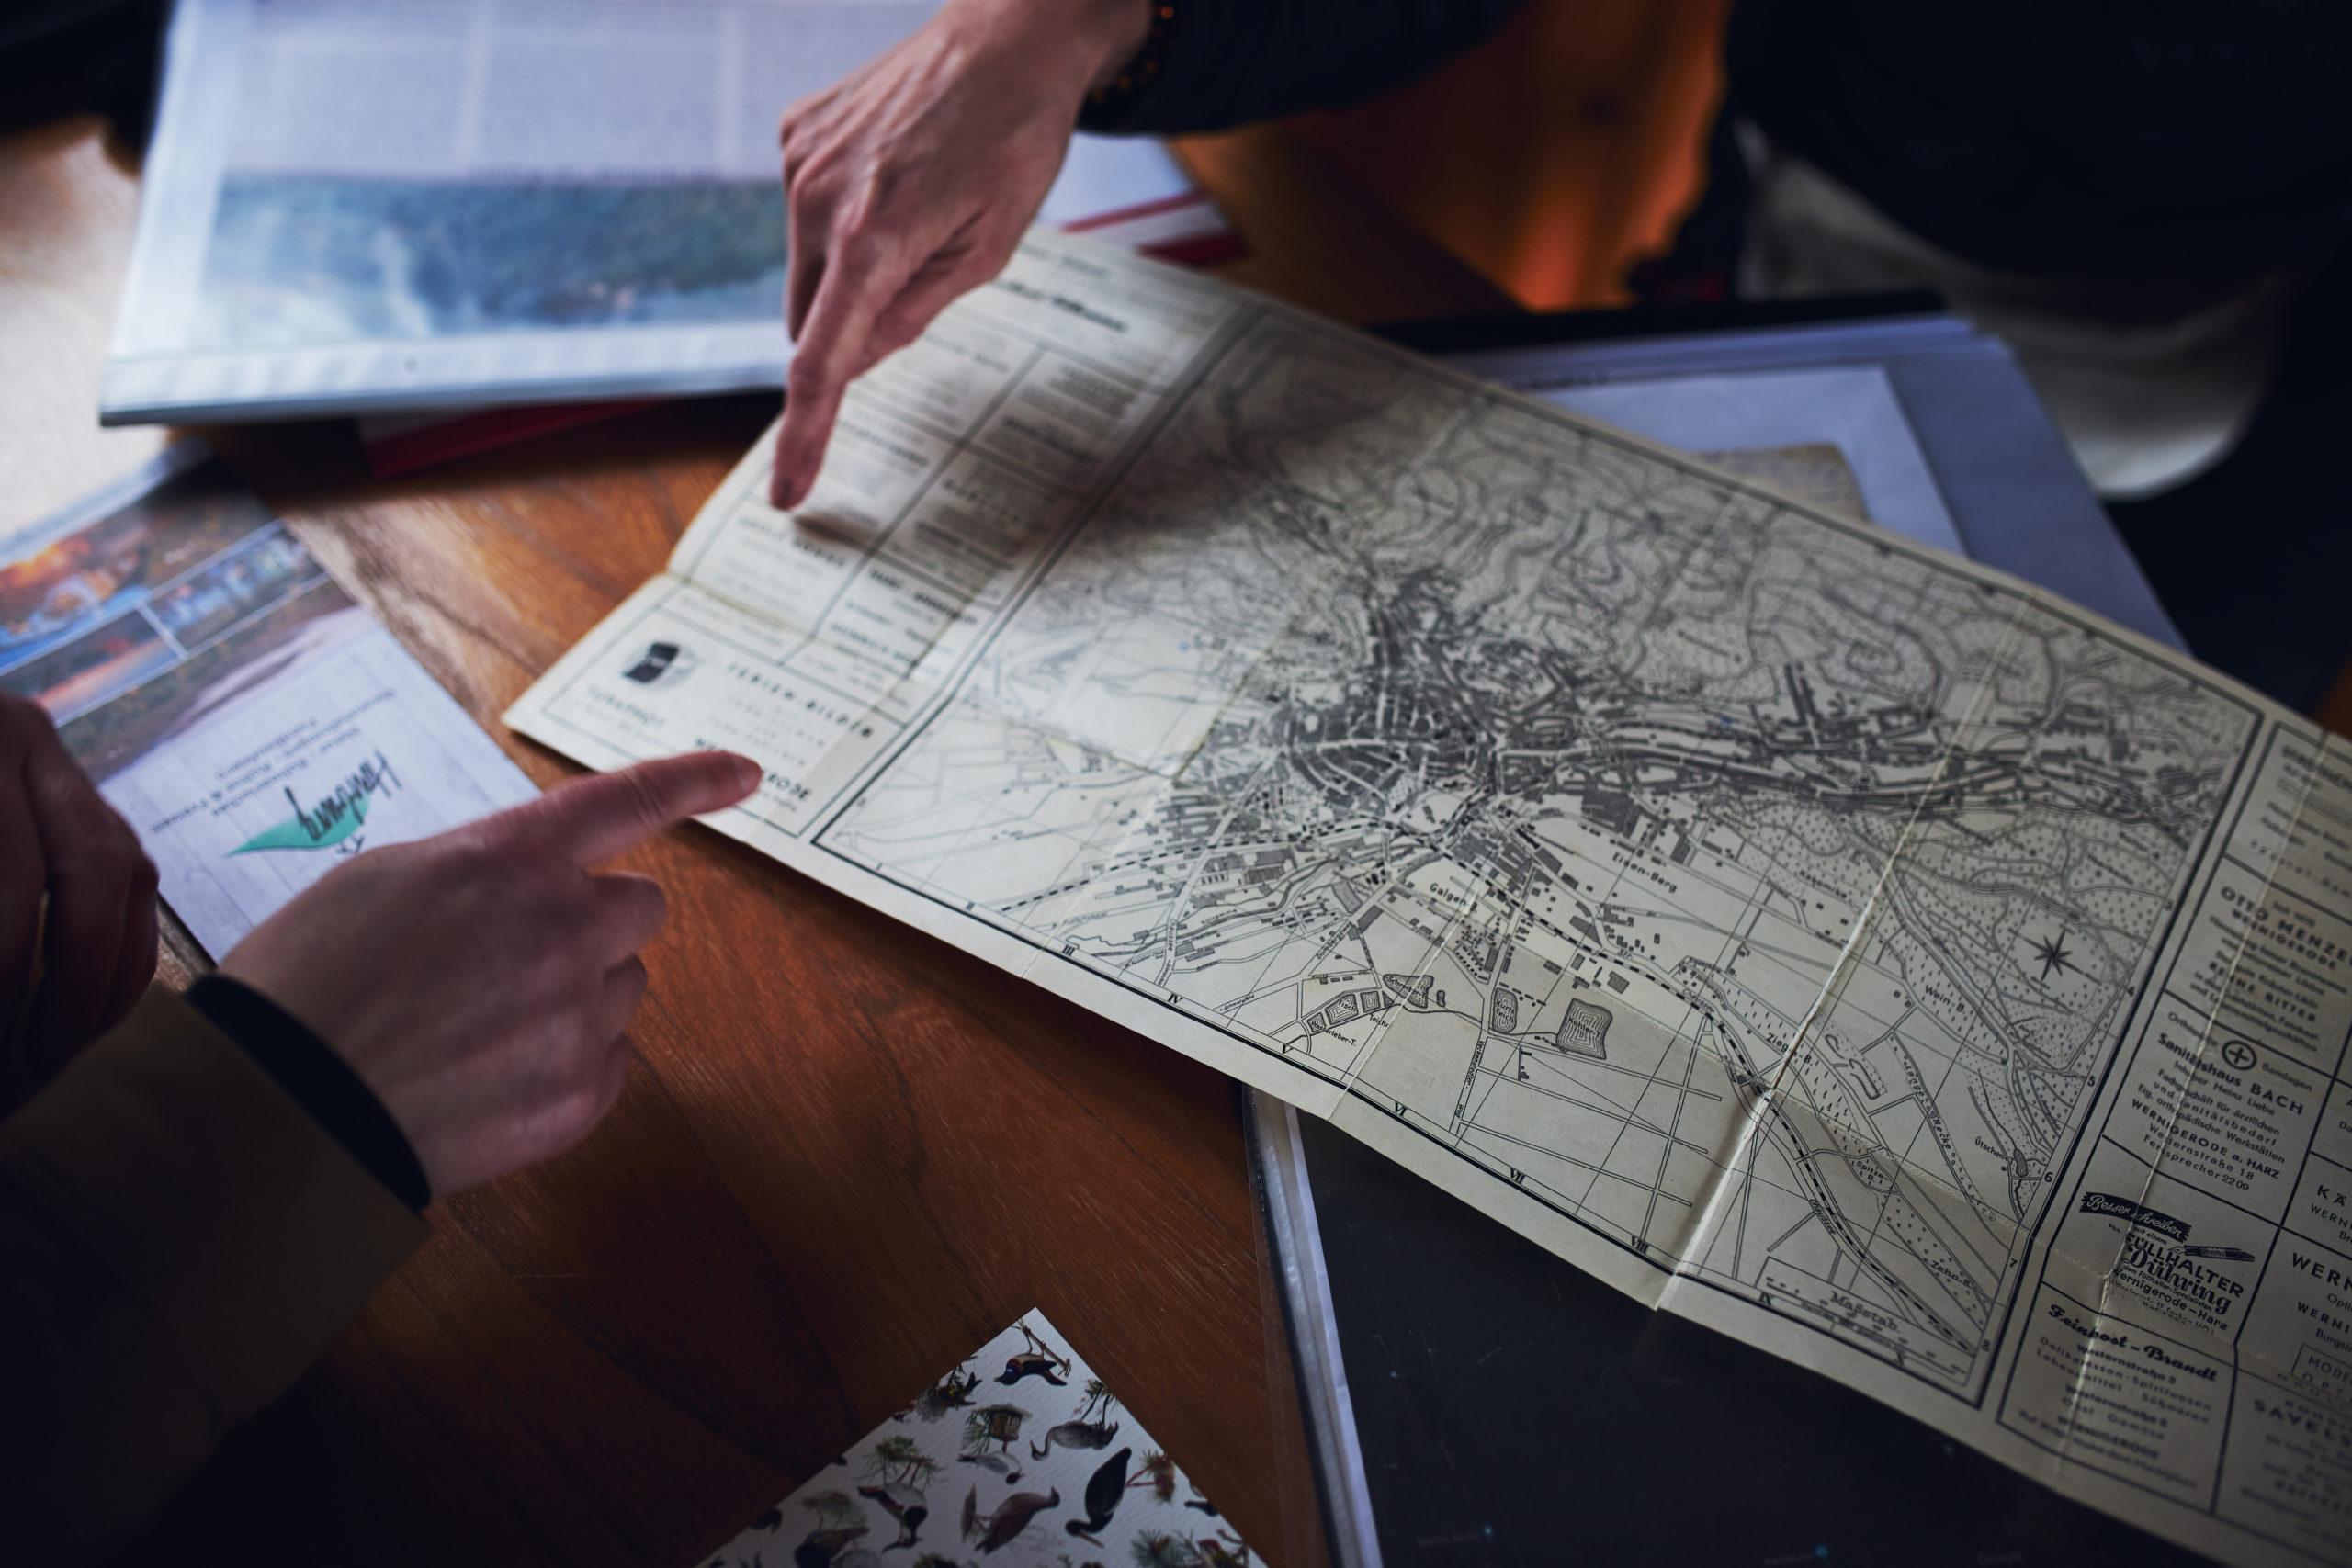 Historische-Stadtkarte-der-Harburg-im-Harz-in-Wernigerode